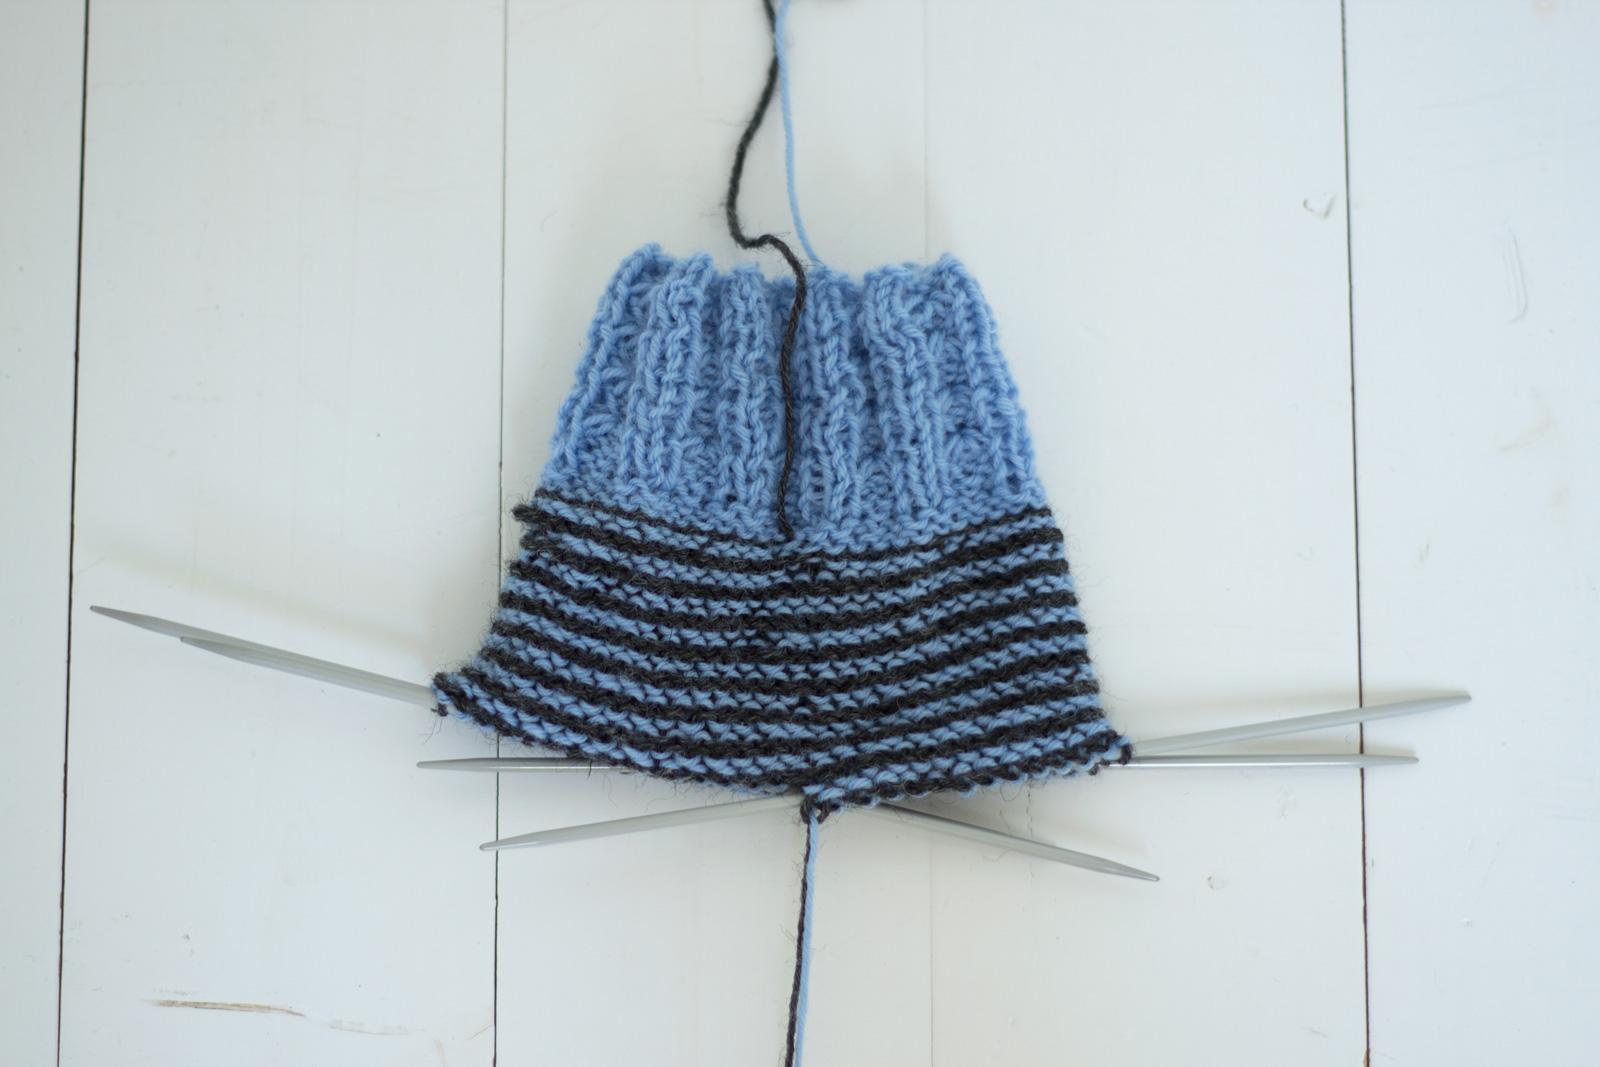 Raitojen neulominen spiraalina